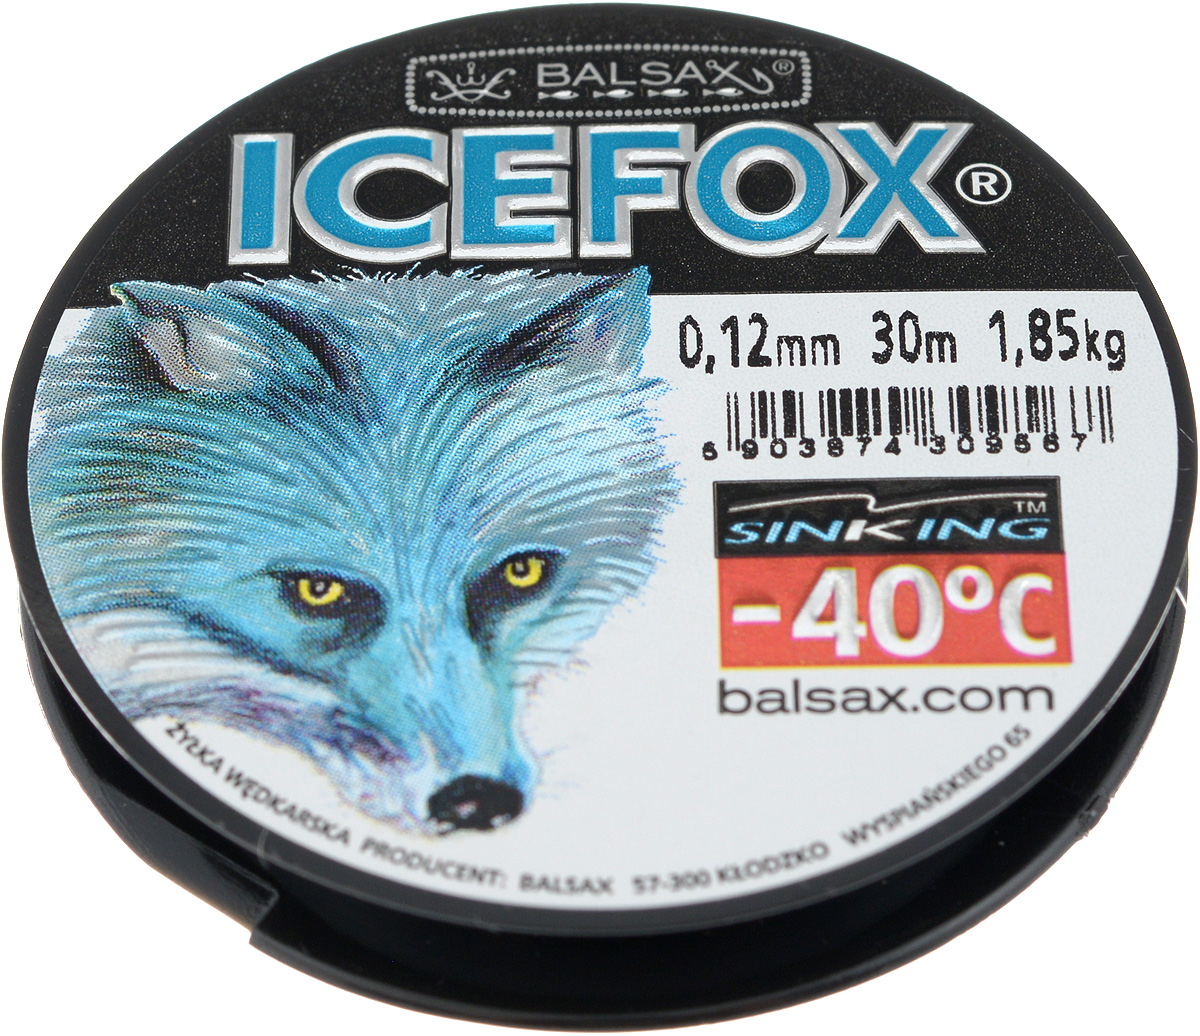 Леска зимняя Balsax Ice Fox, 30 м, 0,12 мм, 1,85 кг59281Леска Balsax Ice Fox изготовлена из 100% нейлона и очень хорошо выдерживаетнизкие температуры. Даже в самом холодном климате, при температуре вплотьдо -40°C, она сохраняет свои свойствапрактически без изменений, в то время как традиционные лески становятся менееэластичными и теряют прочность. Поверхность лески обработана таким образом, что она не обмерзает и отличноподходит для подледного лова. Прочна вместах вязки узлов даже при минимальном диаметре.